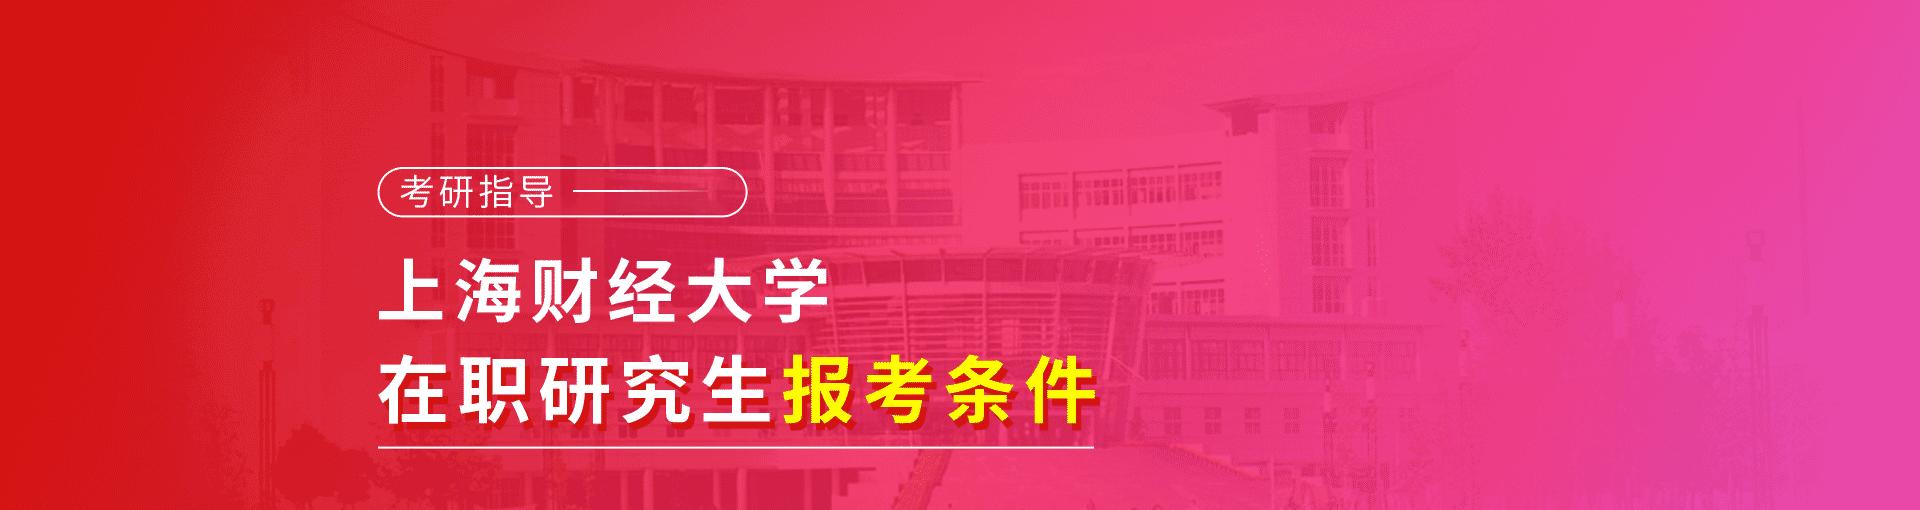 2019年上海财经大学在职研究生报考条件有哪些?